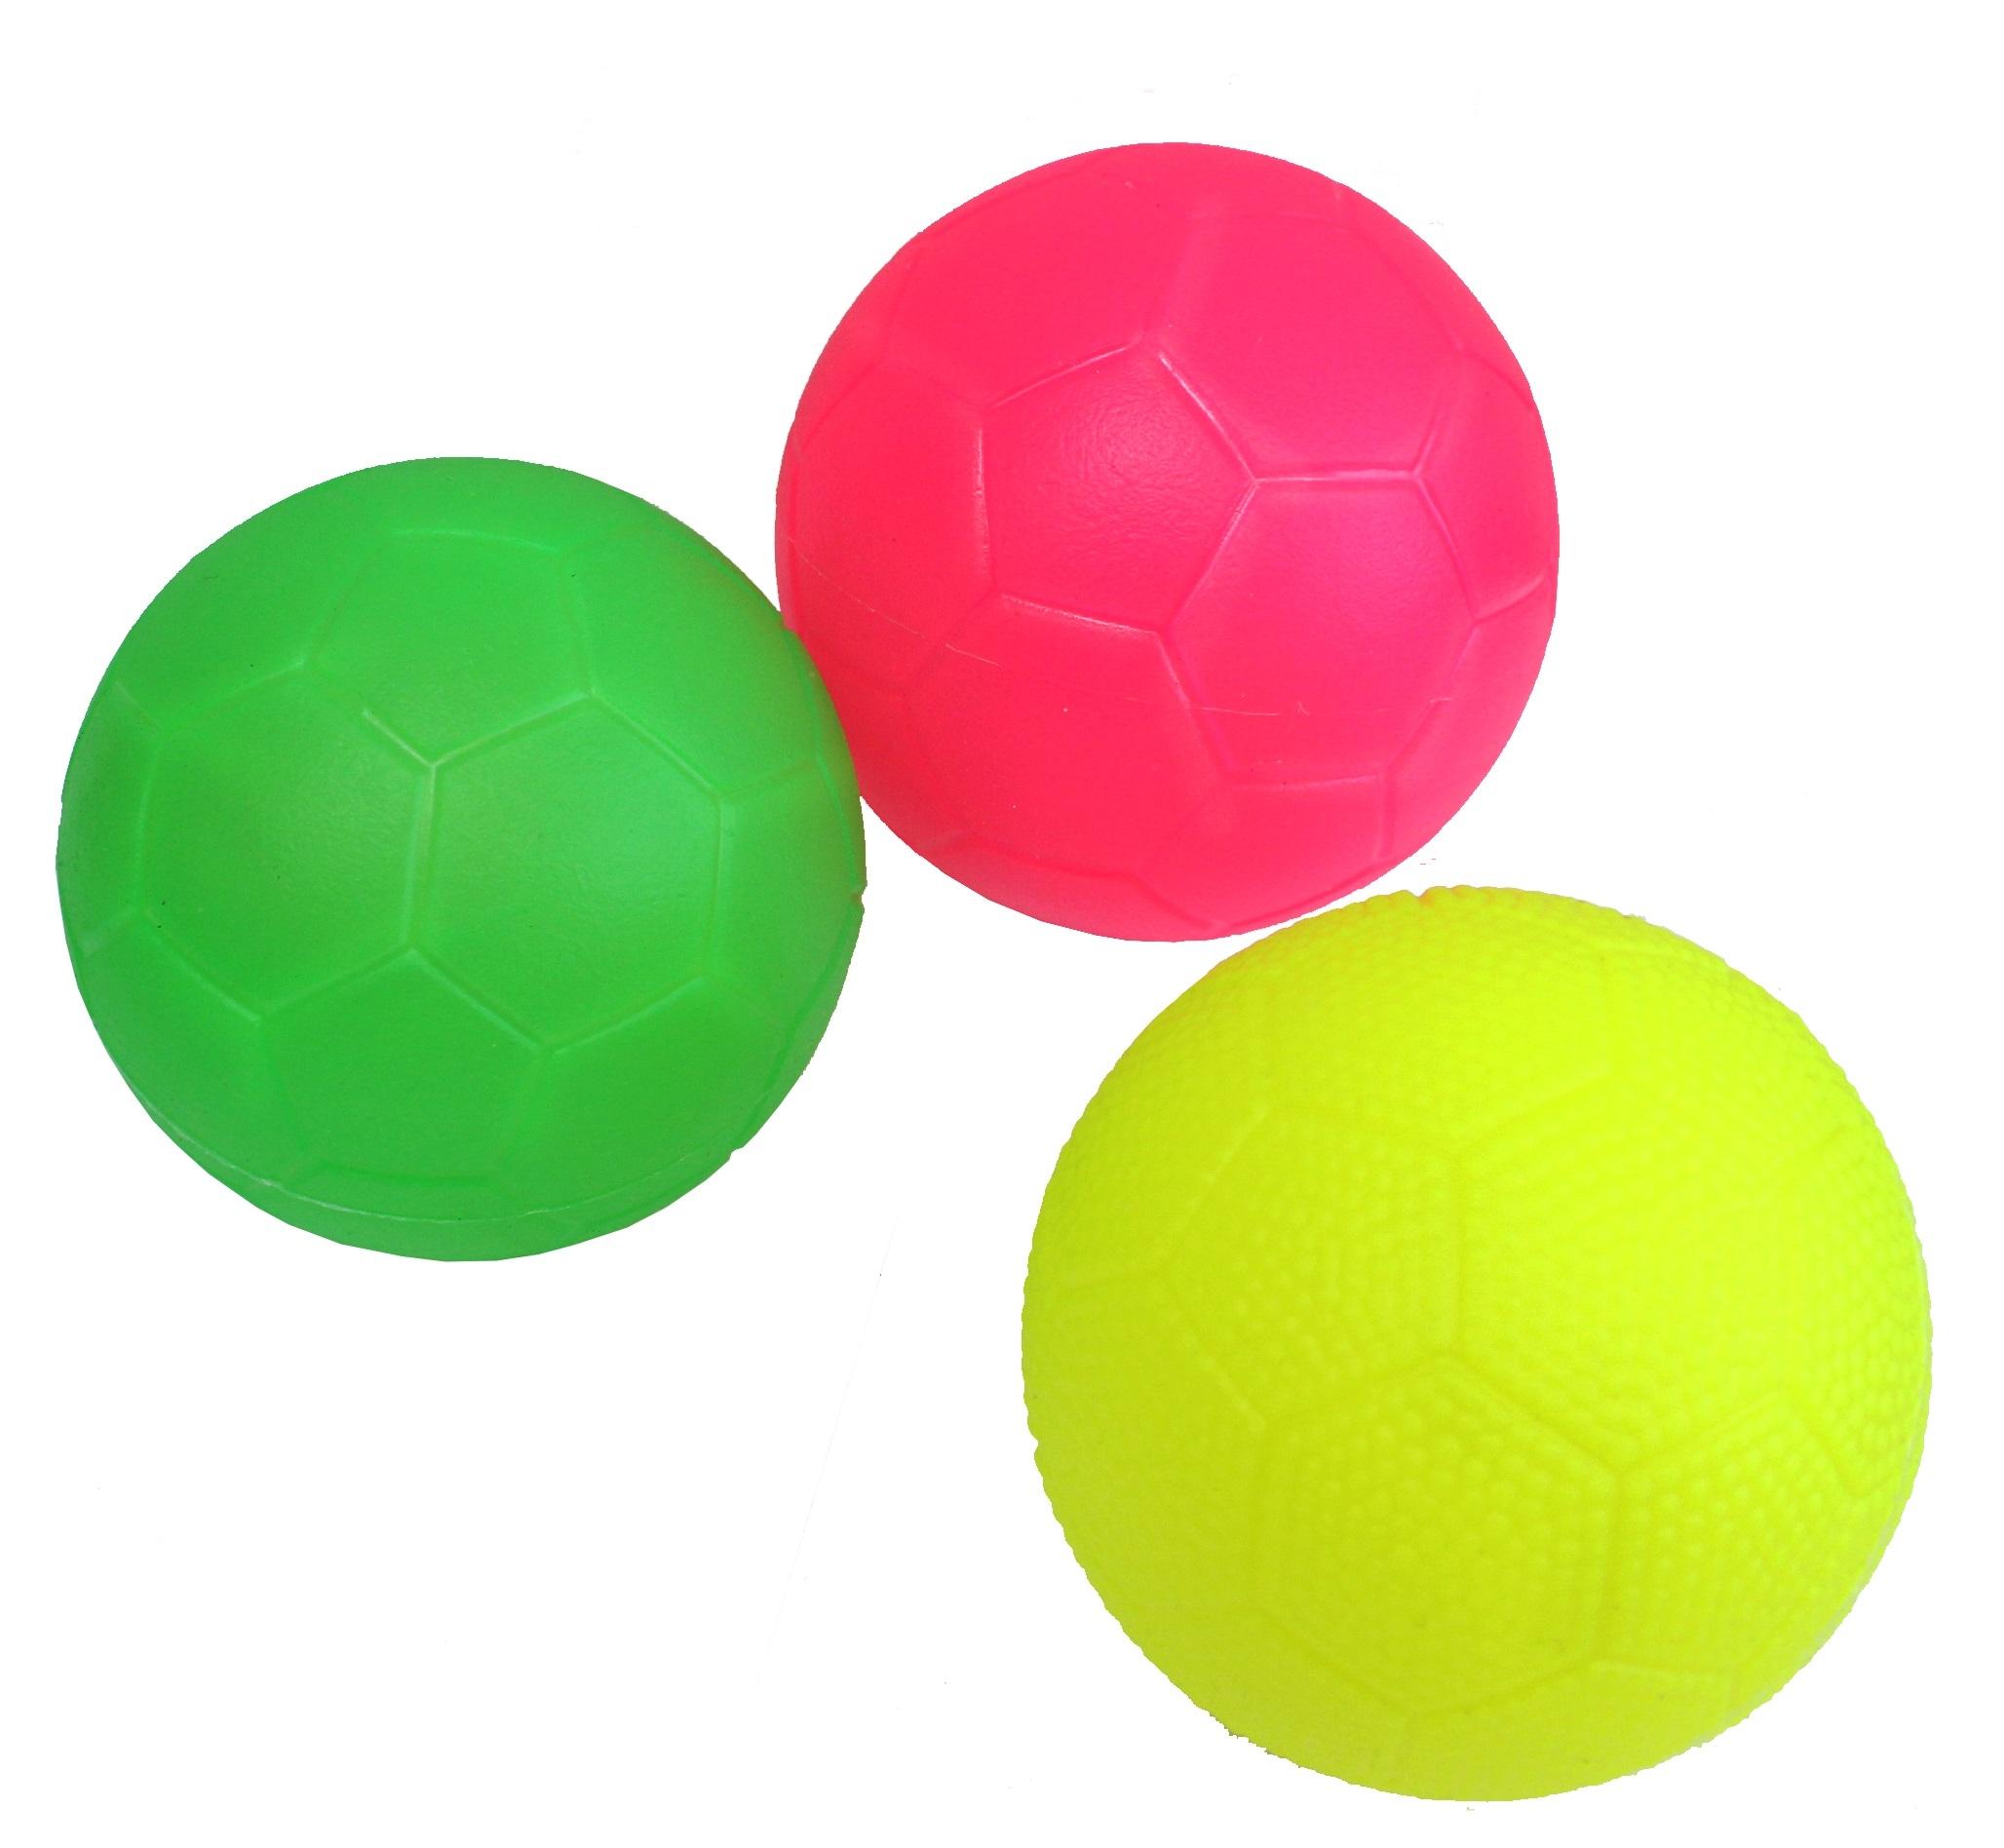 Мяч Пластмастер NЕО мяч пластмастер 70138 цвет в ассортименте